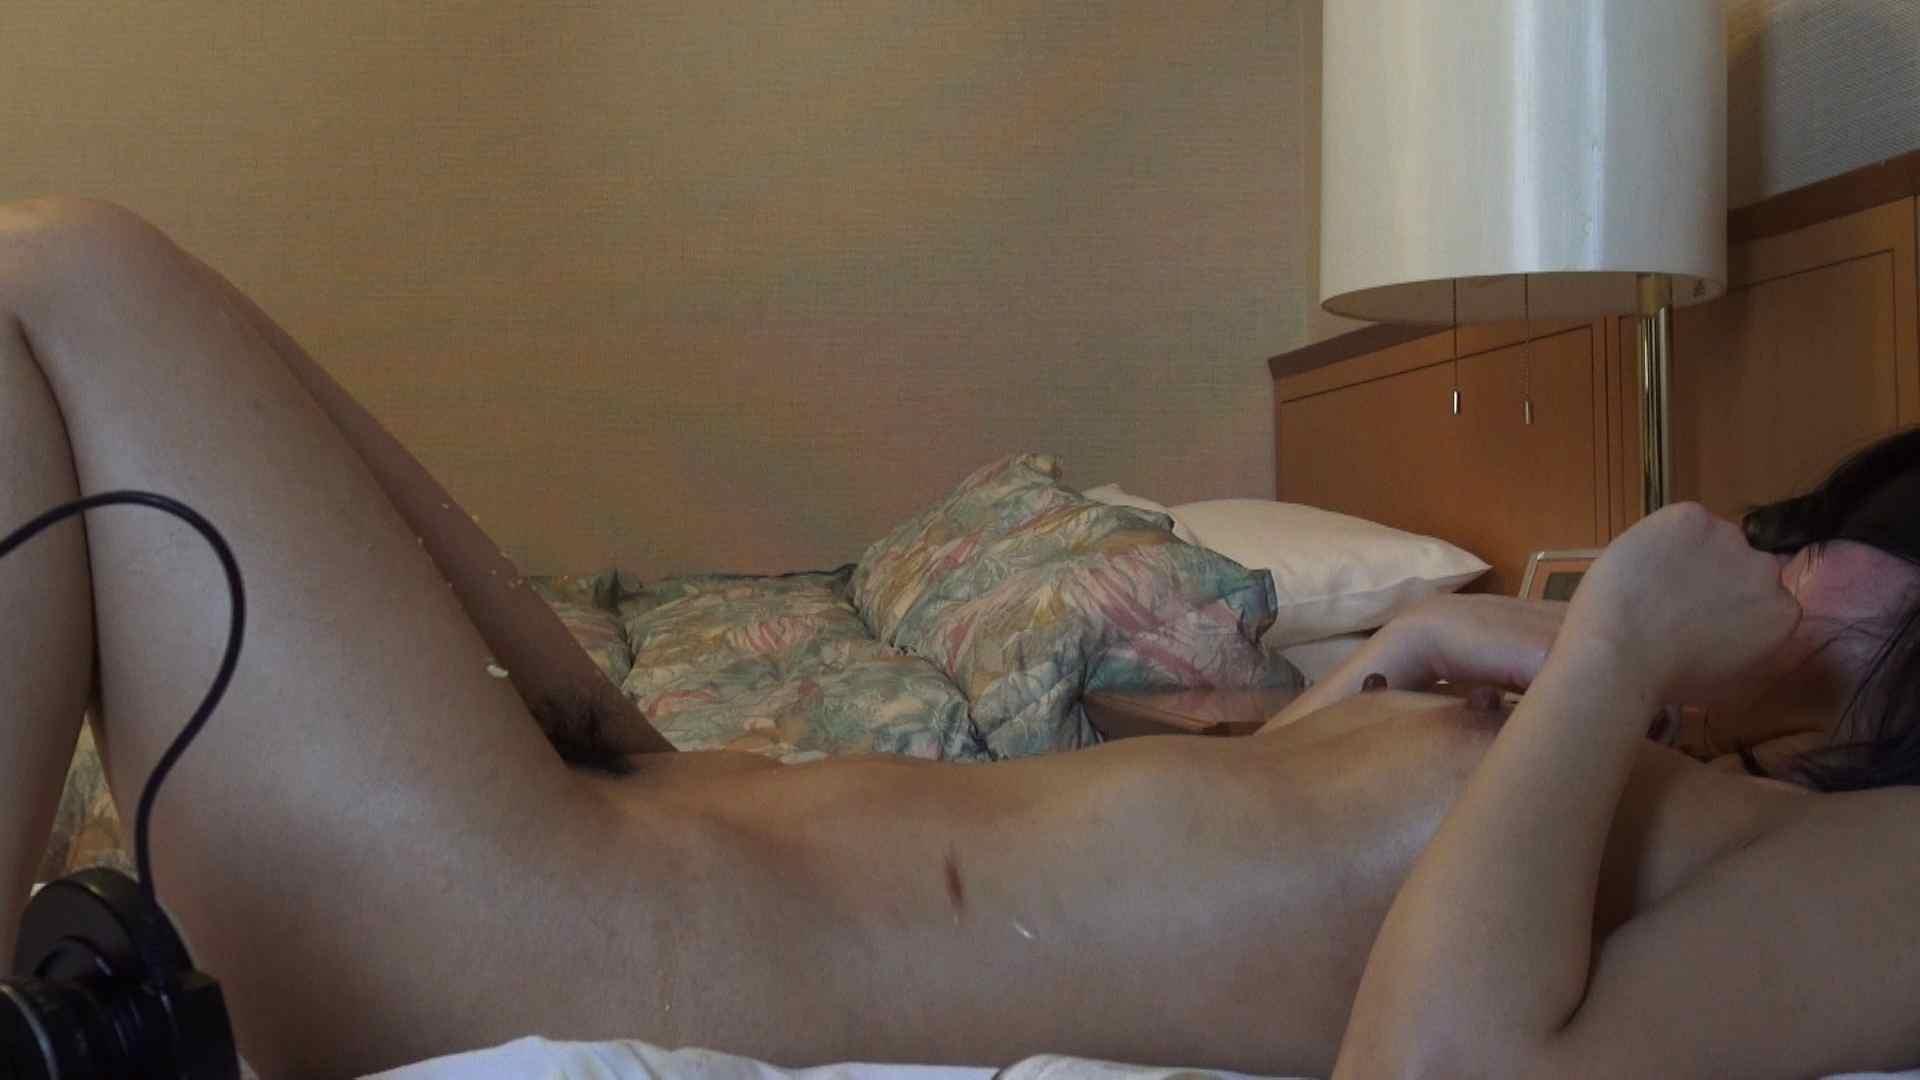 vol.15 身体をねじりながら感じる留華ちゃん OL裸体 | ギャル達のオマンコ  79画像 24